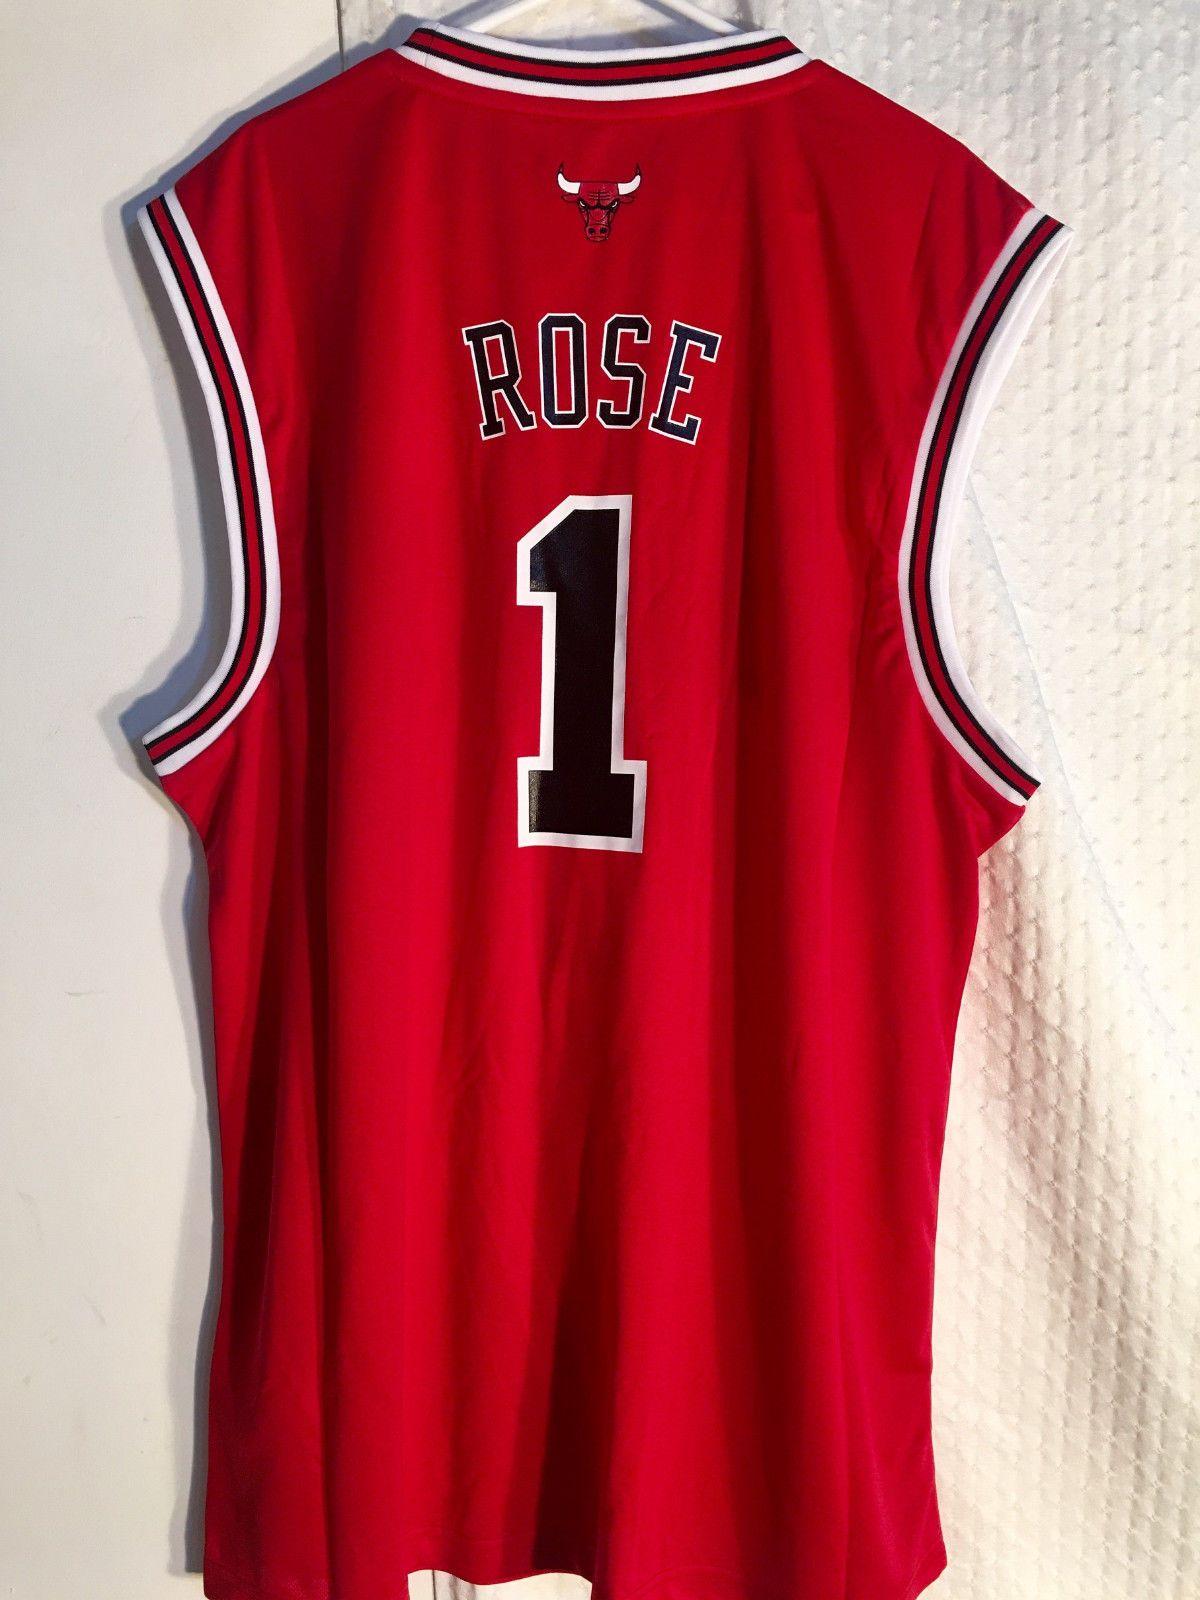 best website 7c881 c6073 $14.99 - Adidas Nba Jersey Chicago Bulls Derrick Rose Red Sz ...